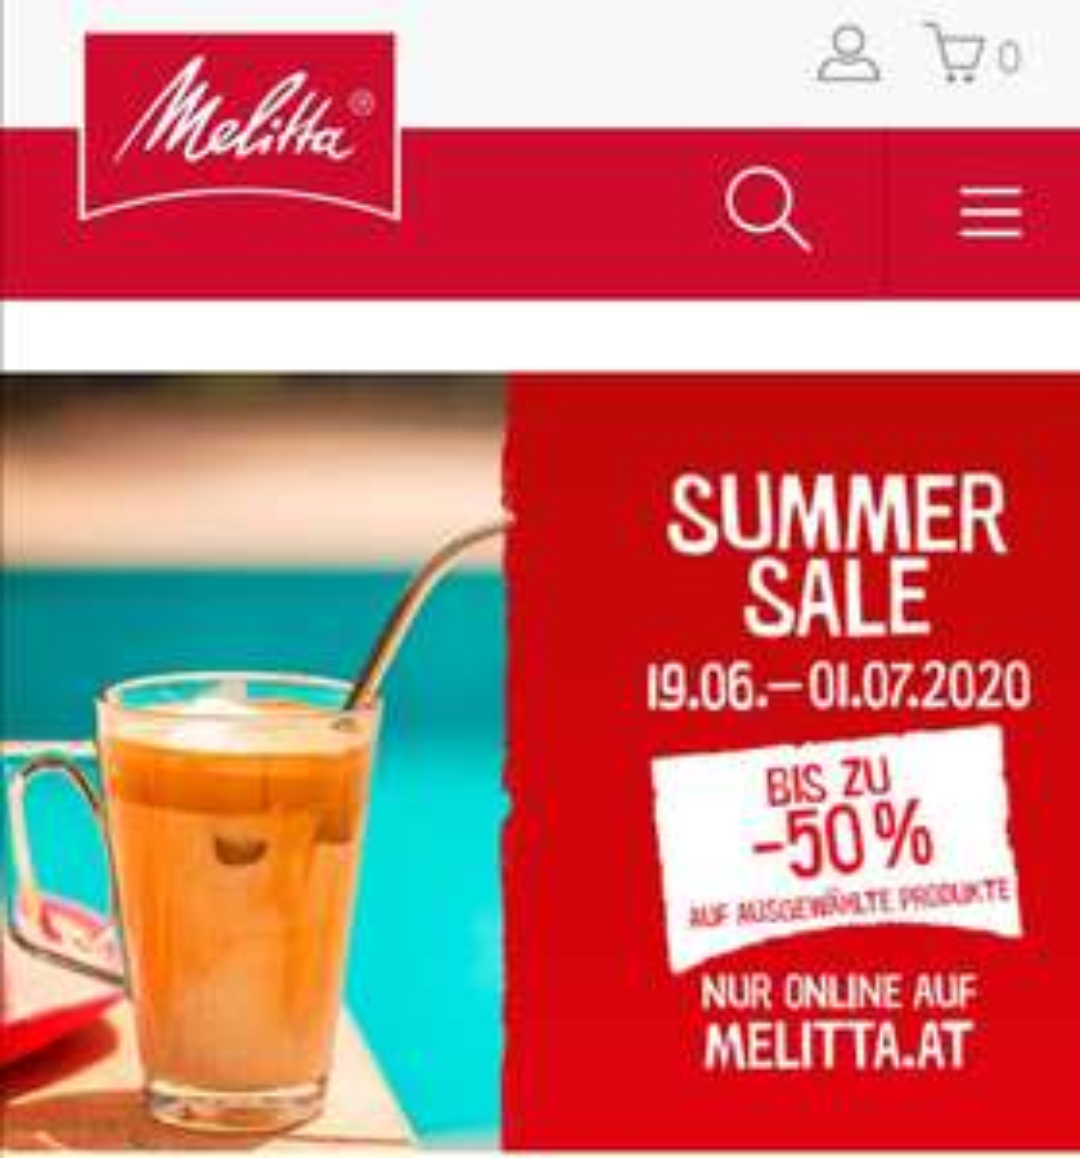 Melitta Summer Sale bis zu - 50%